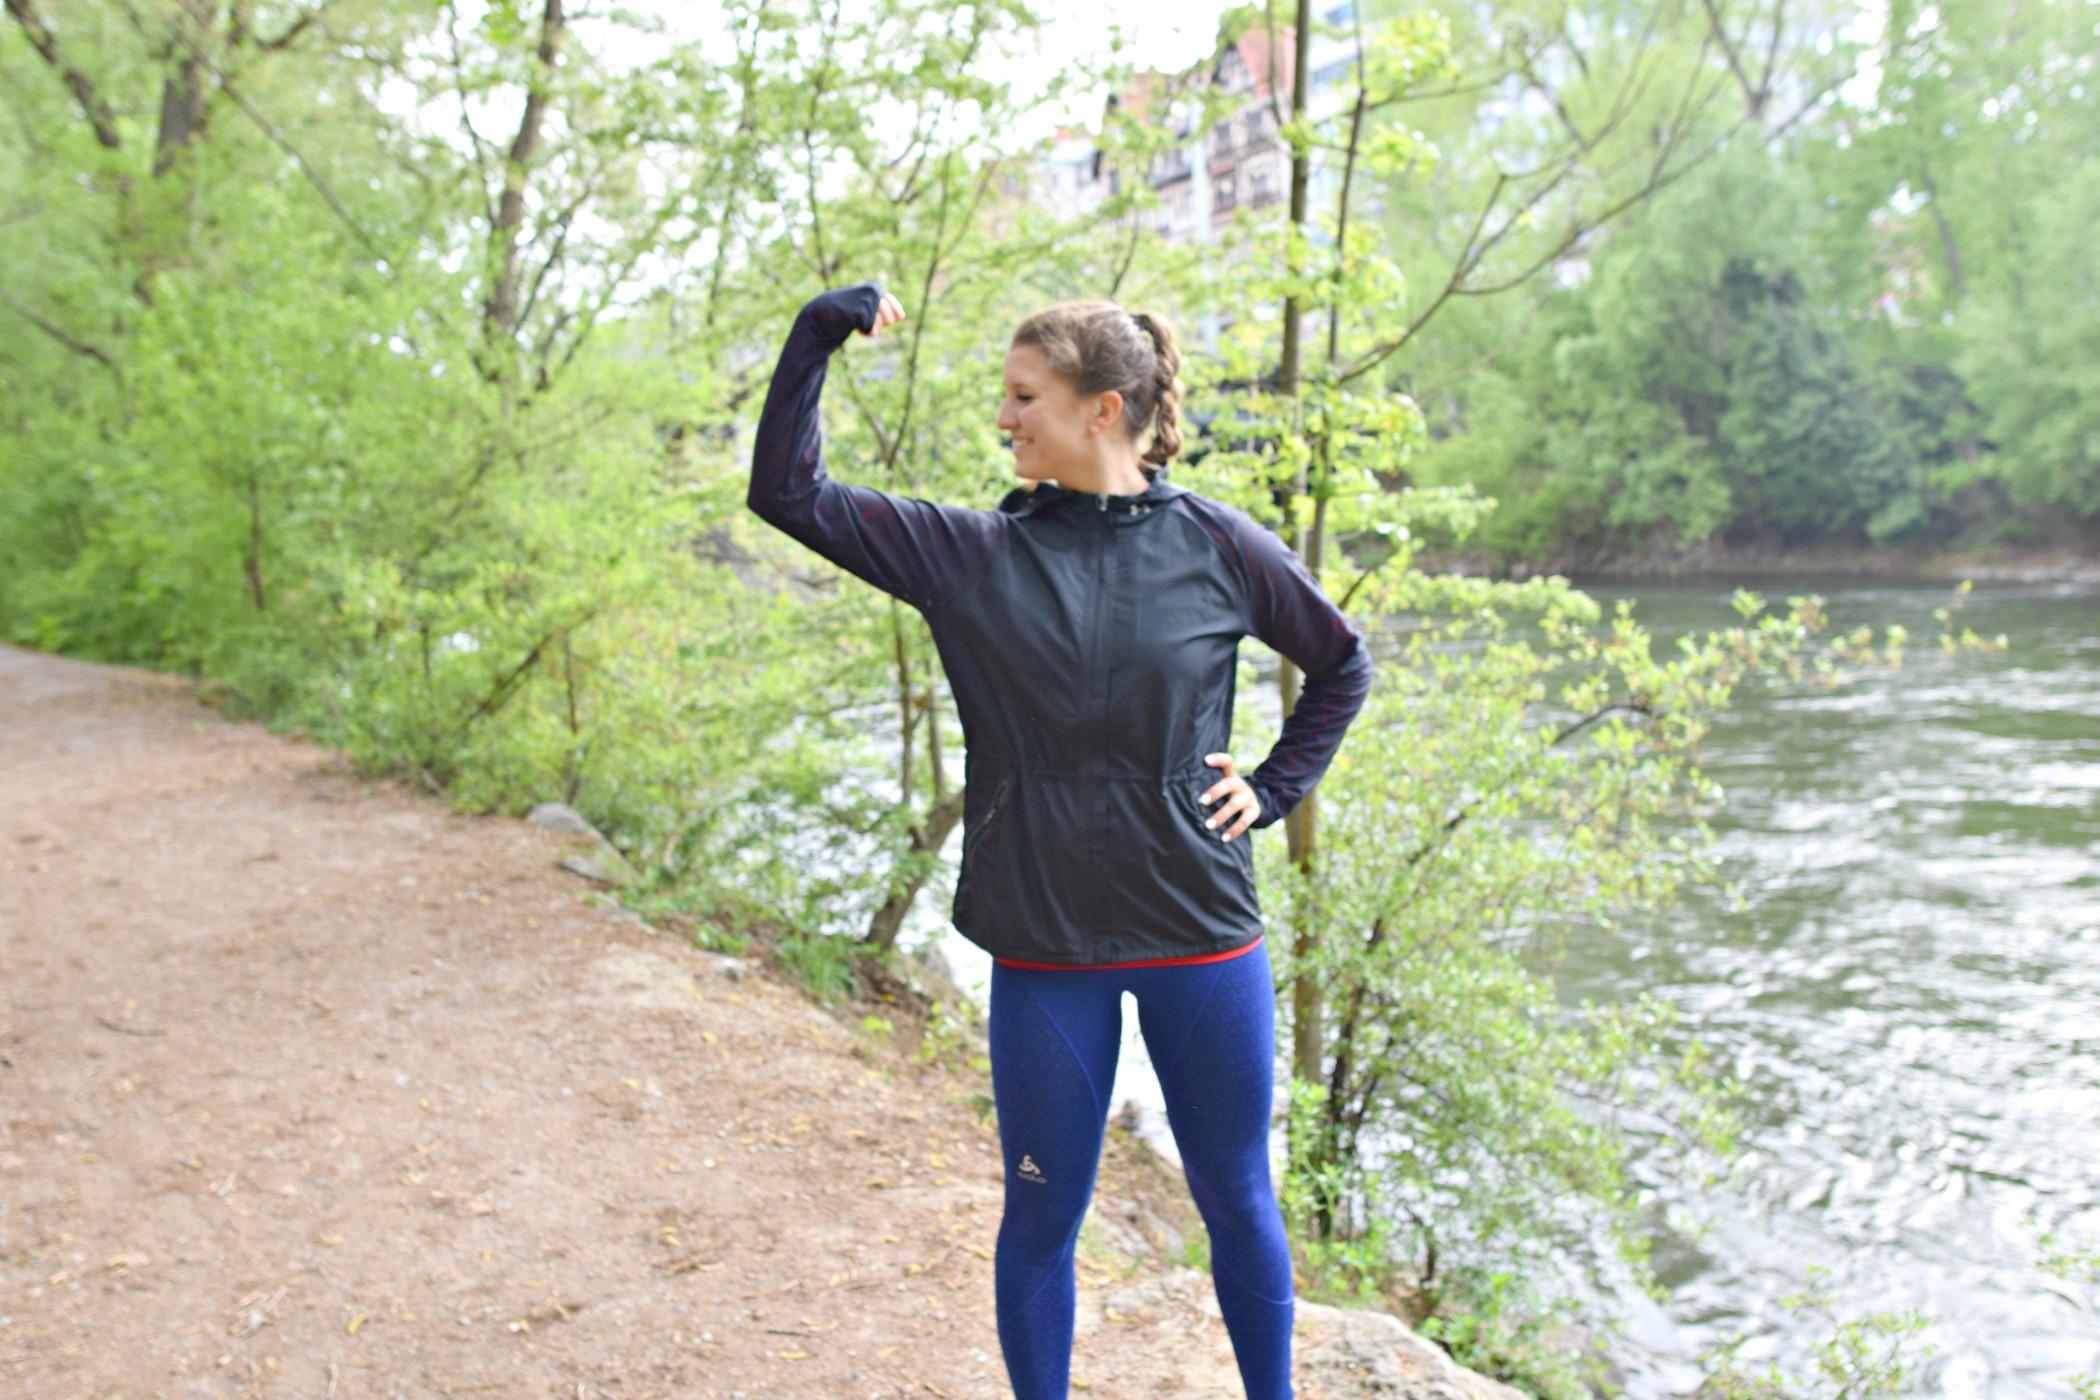 fitnessblog-fitnessblogger-graz-klara-fuchs-österreich-blogging-fitness-sport-blog-sportblog-trainerin-laufen-ladiesrun-5